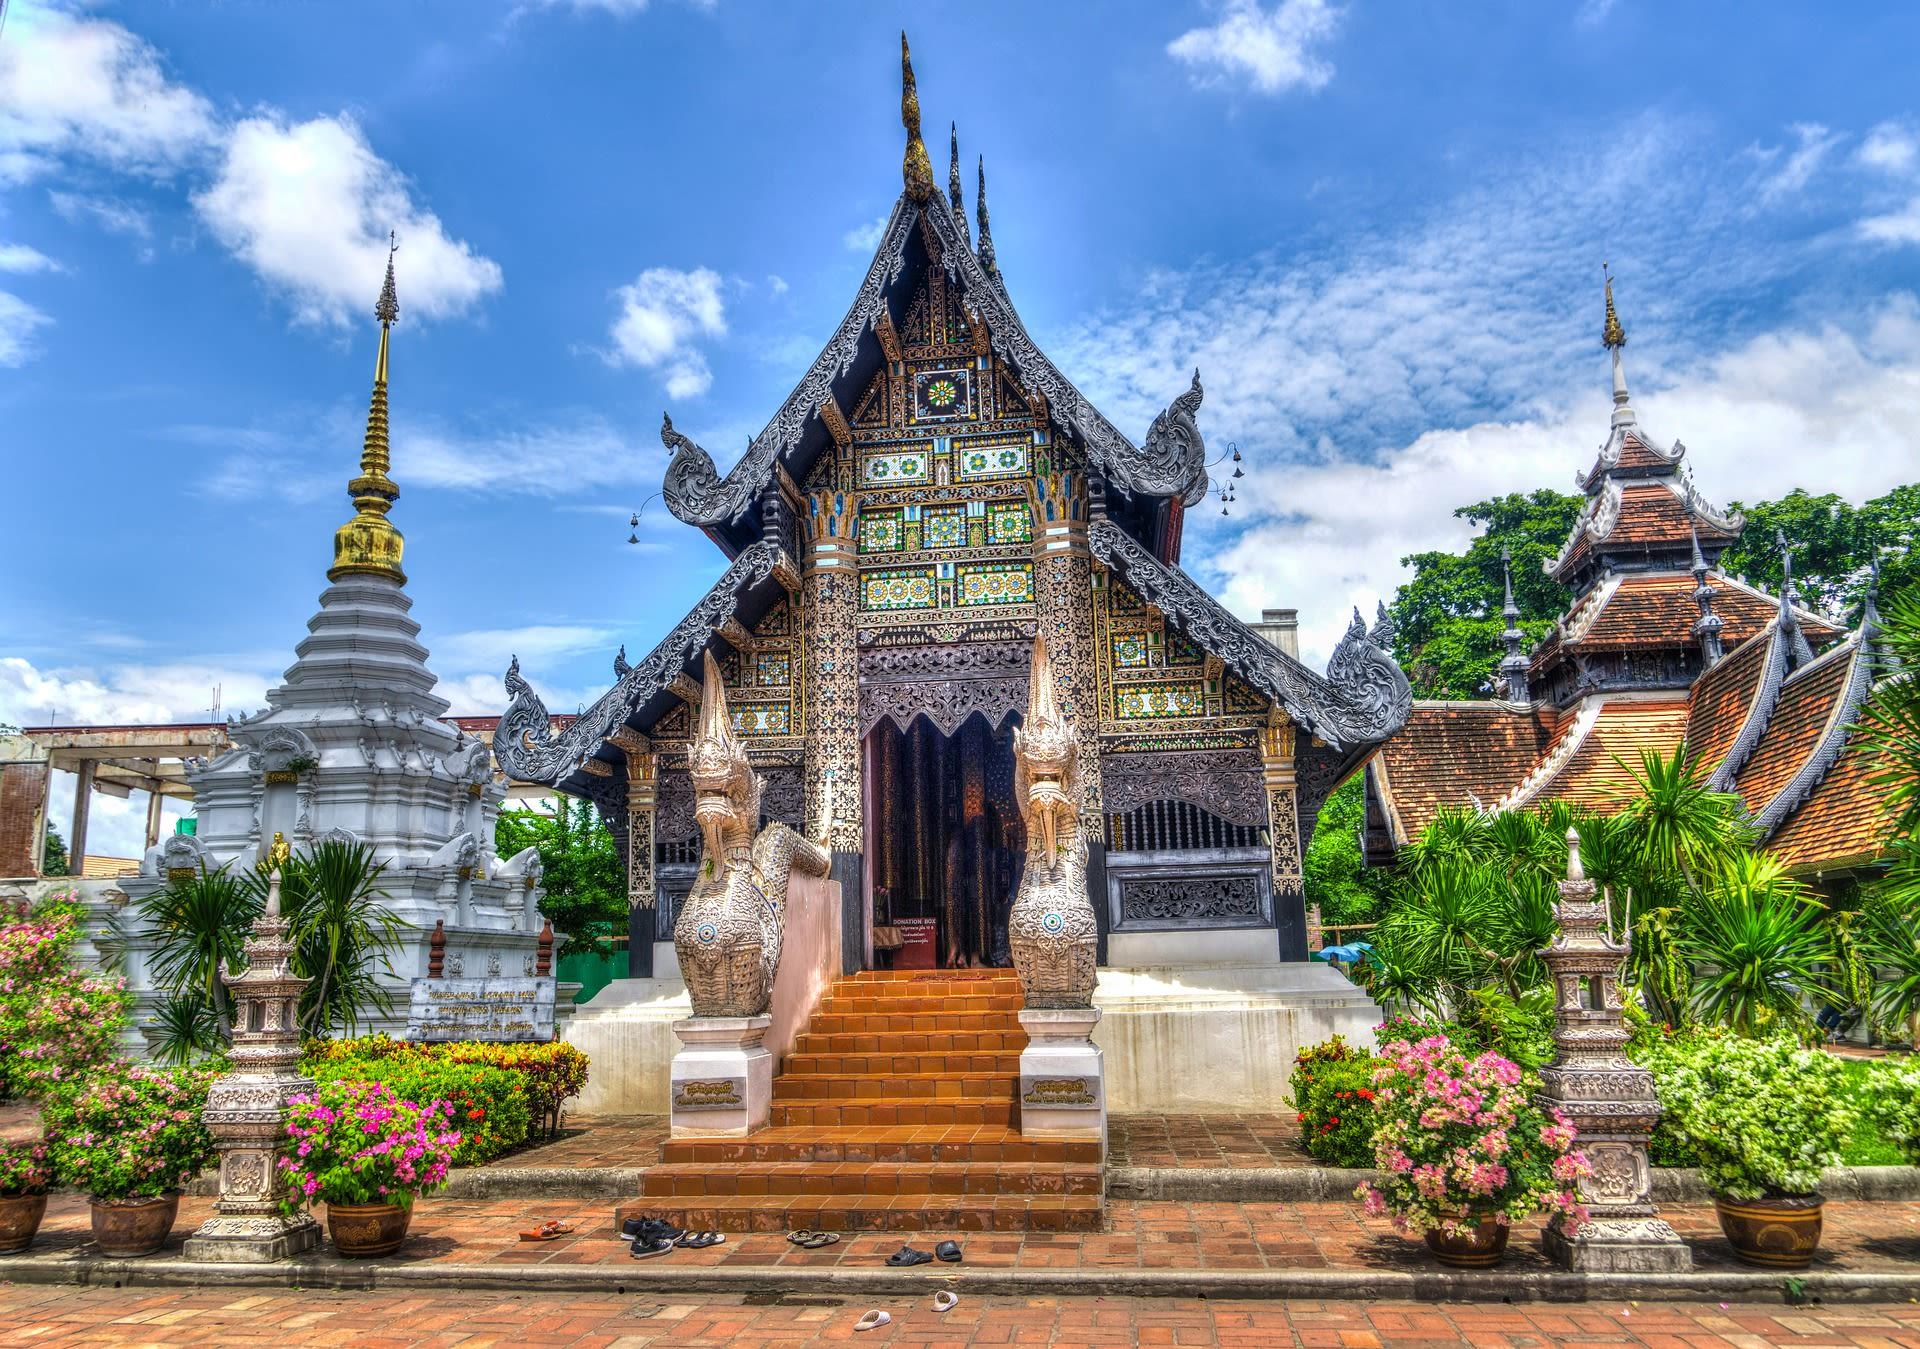 Vietnam, Cambodia & Thailand Signature Tours 2019 - 2020 -  Chiang Mai Temple in Thailand